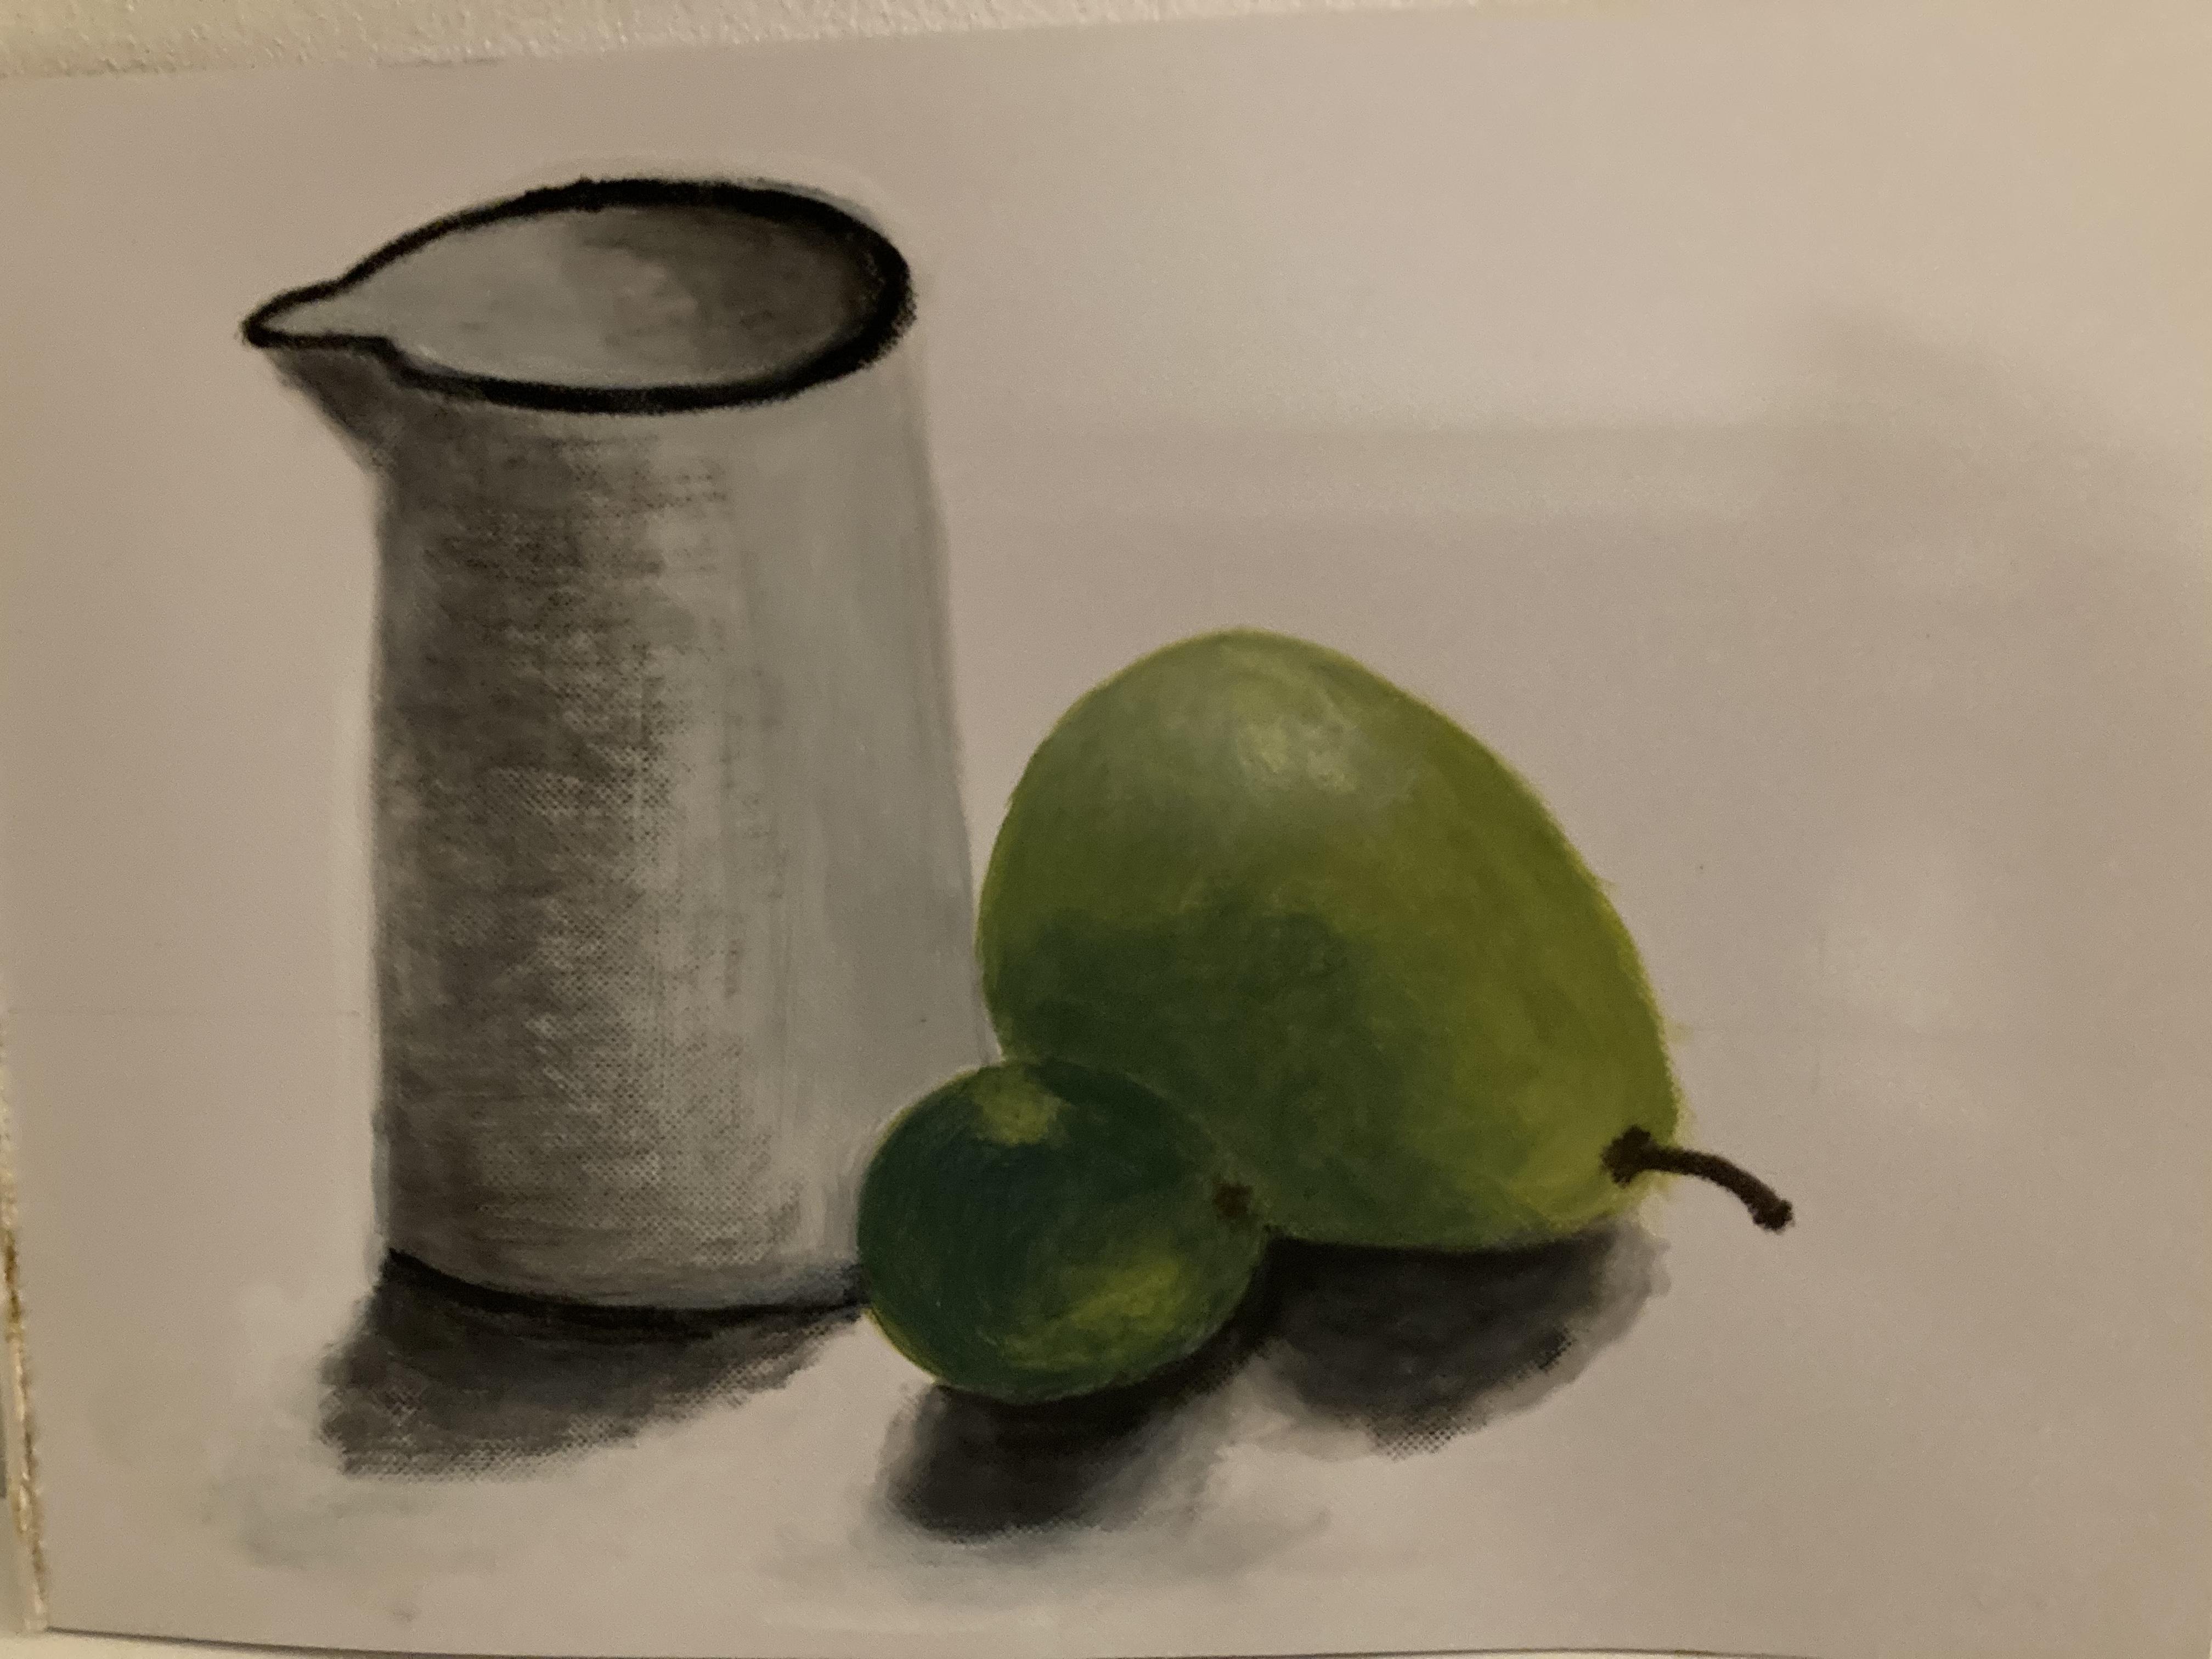 Kande og frugt